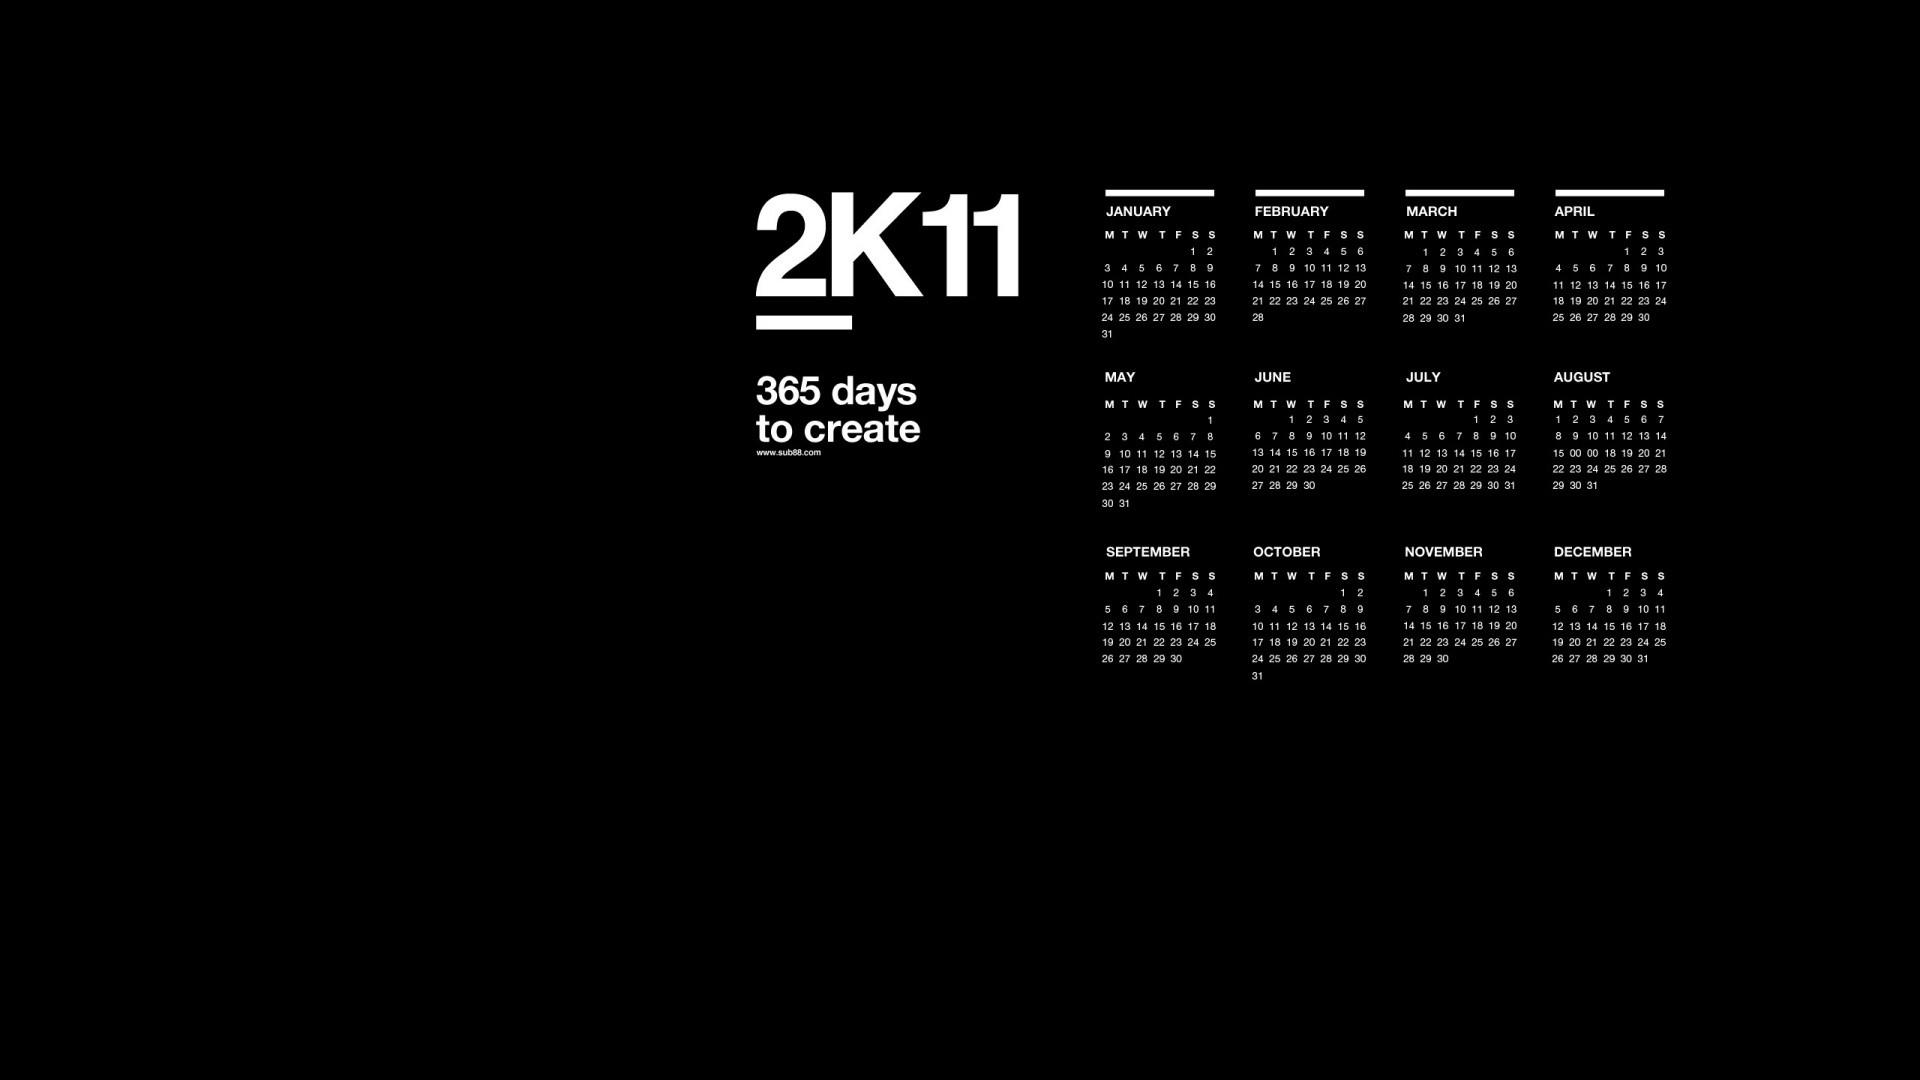 2K11 black calendar